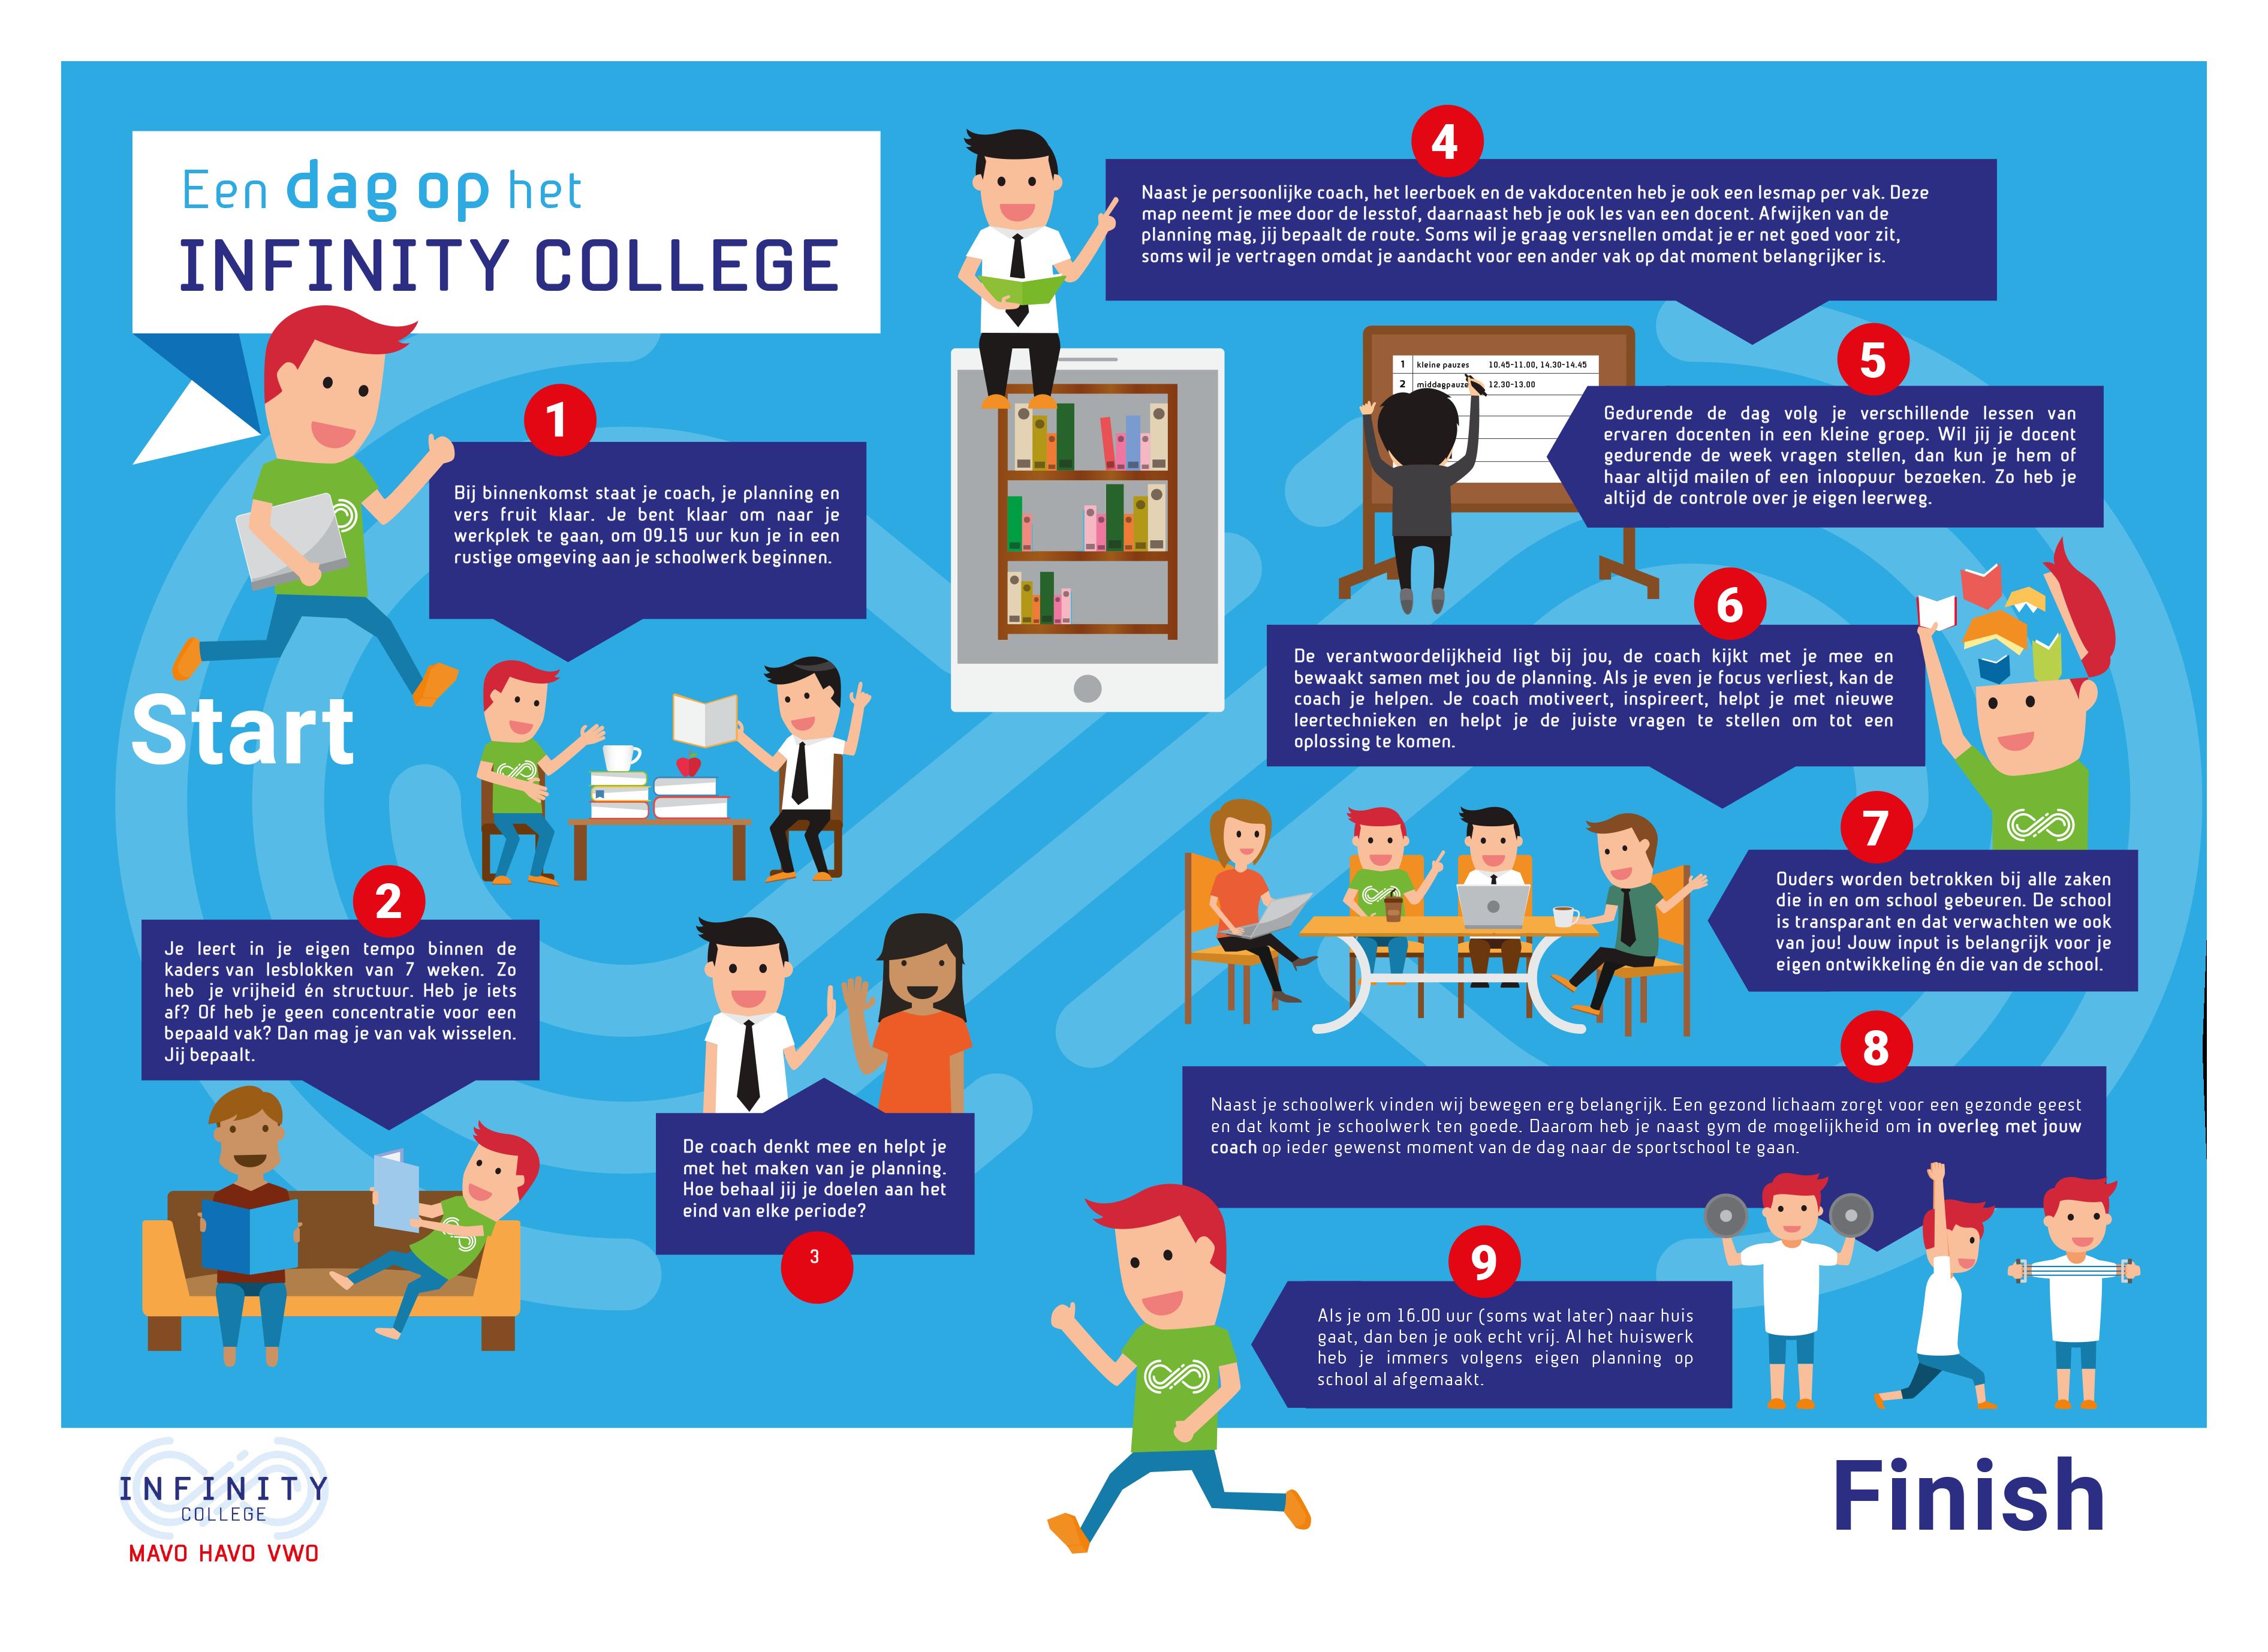 Een dag op het Infinity College